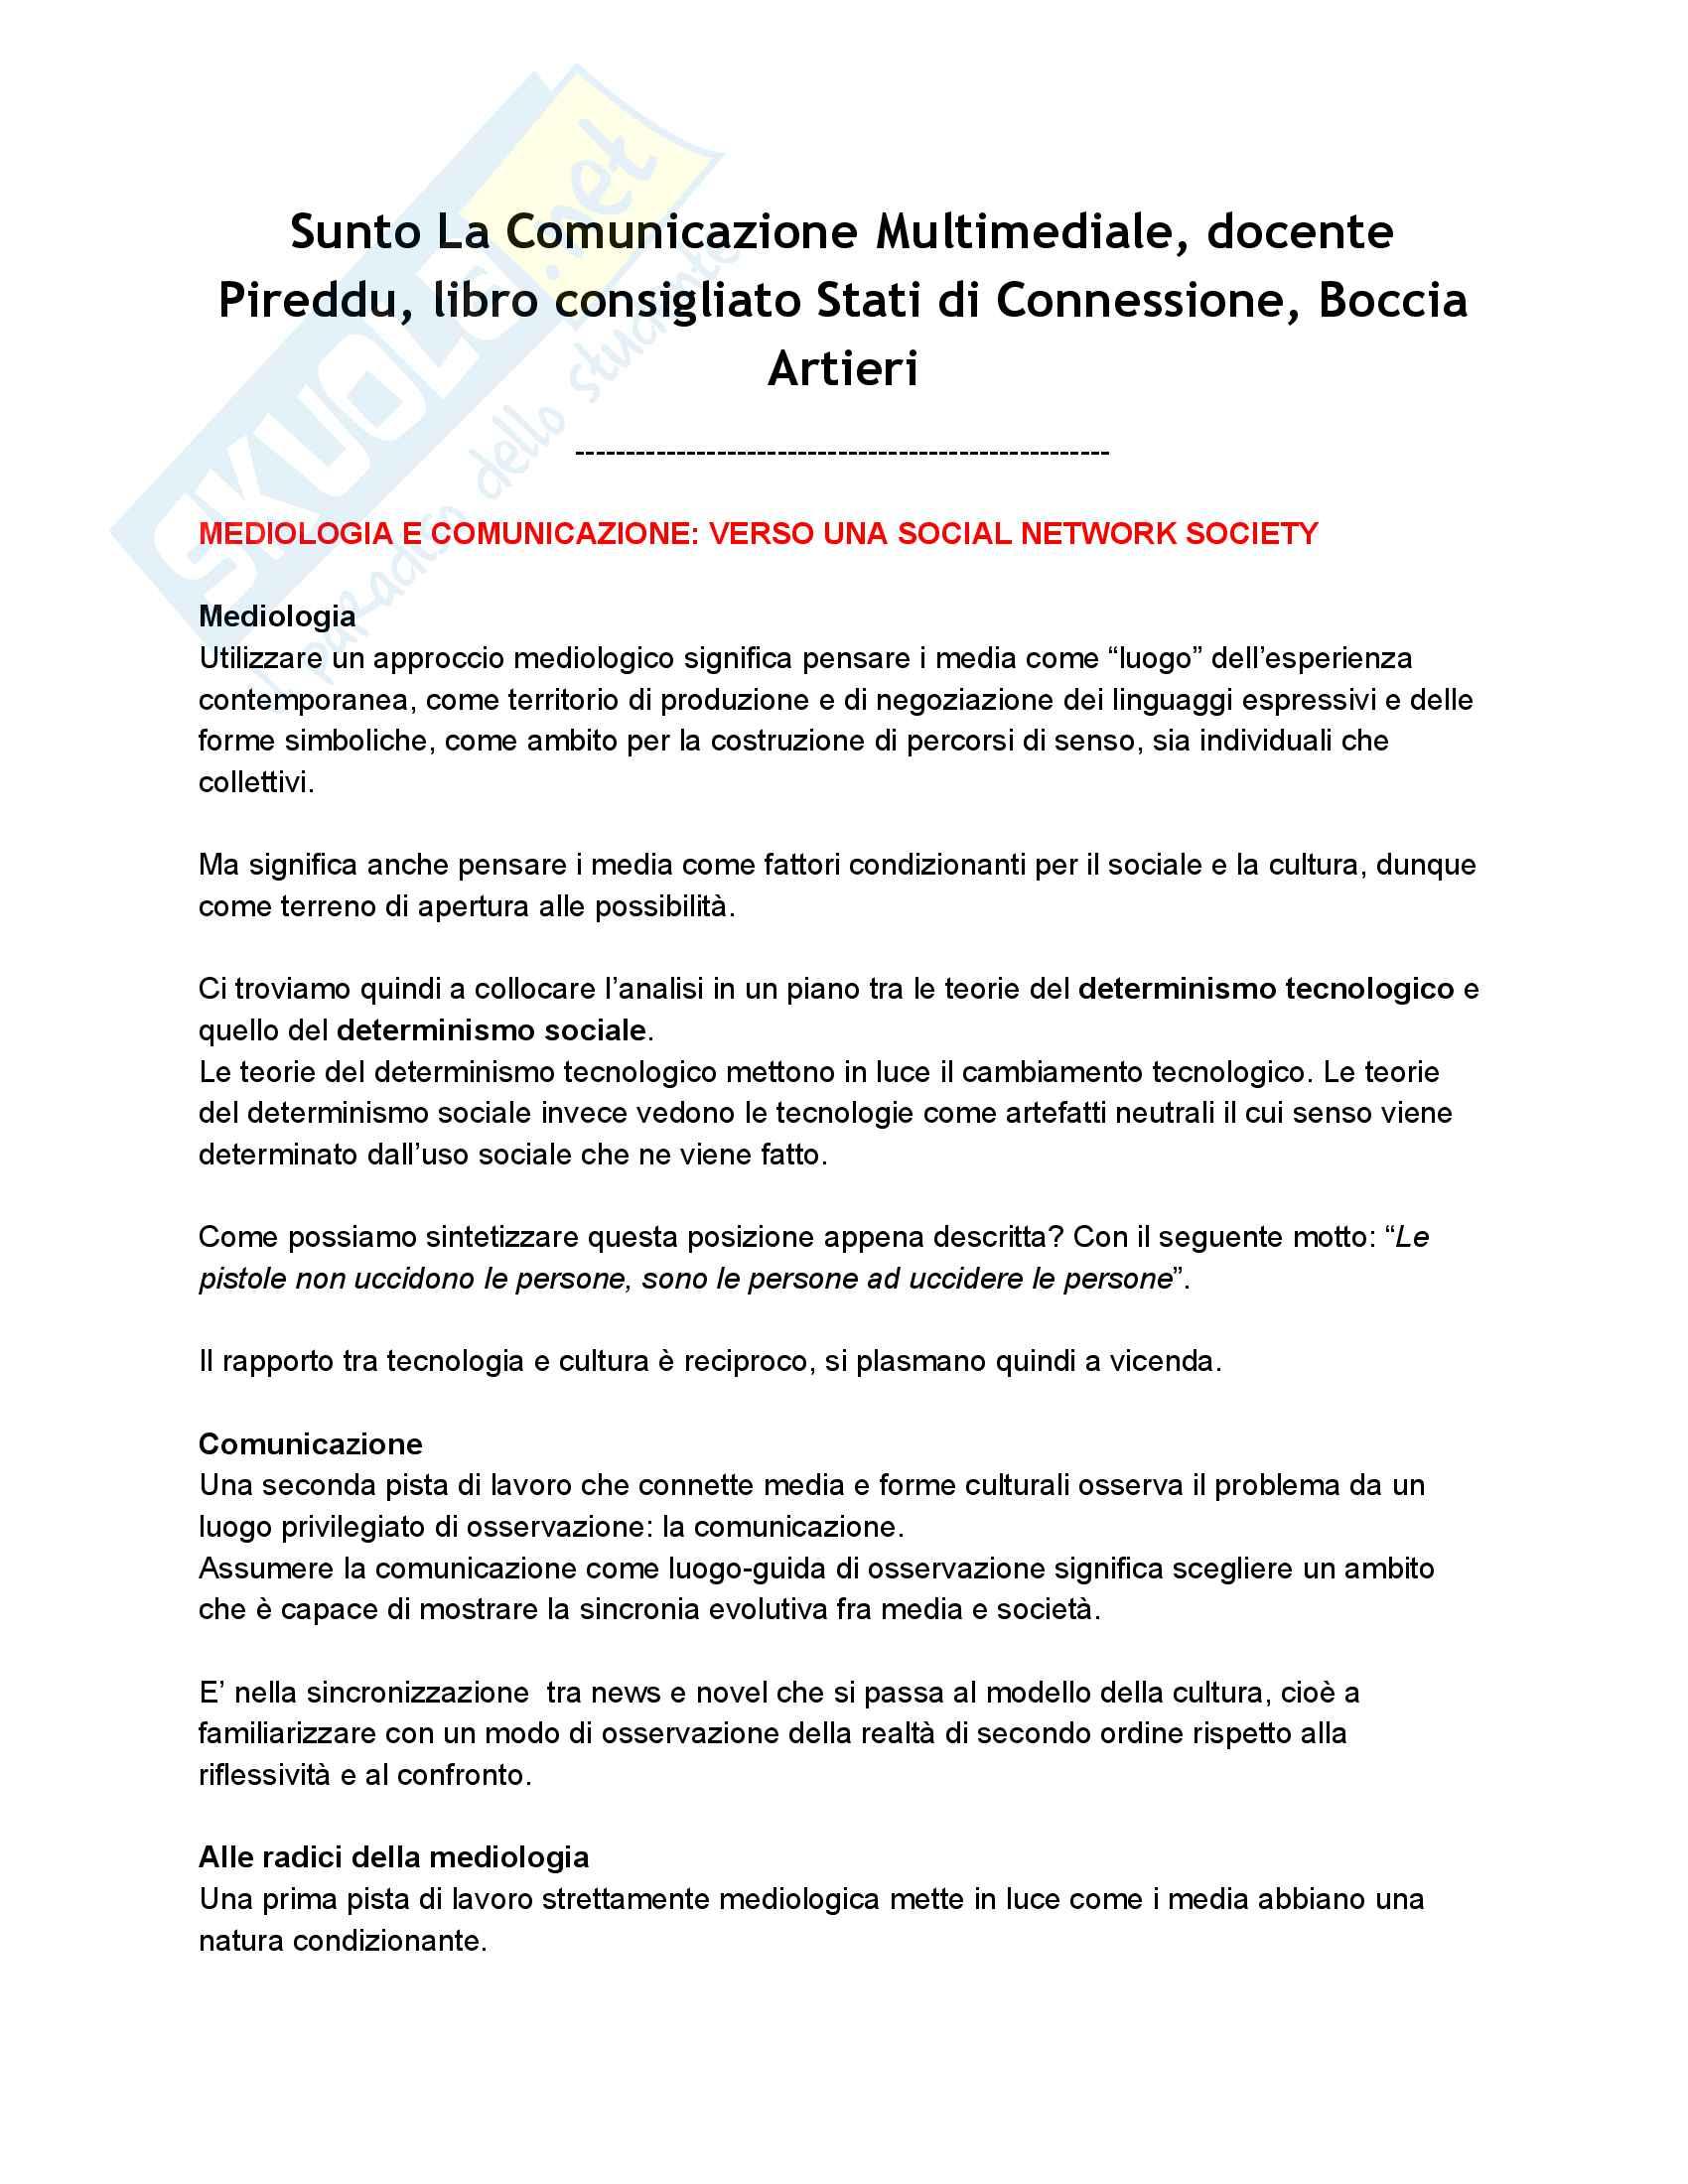 Riassunto esame La Comunicazione Multimediale, docente Pireddu, libro consigliato Stati di Connessione, Boccia Artieri